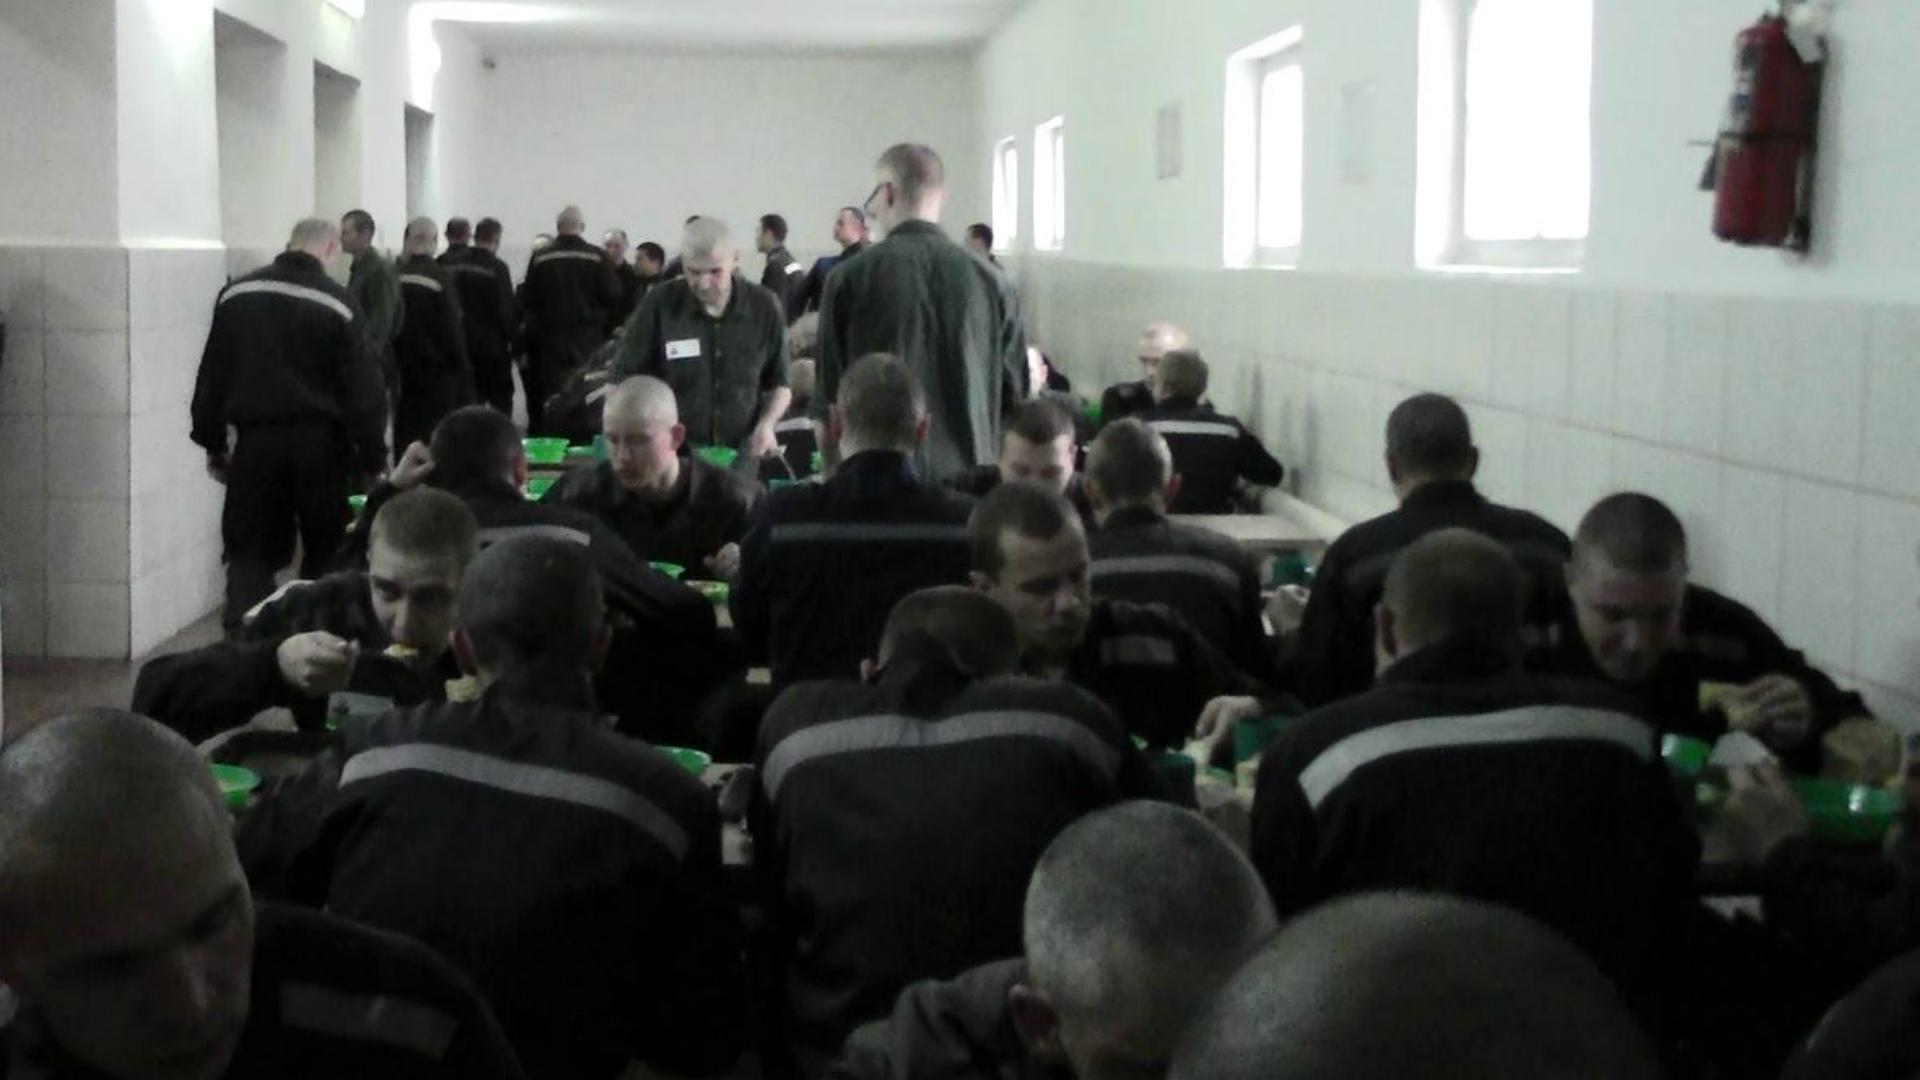 Вневьянской ИК-46 скончался заключенный Сегодня в08:58